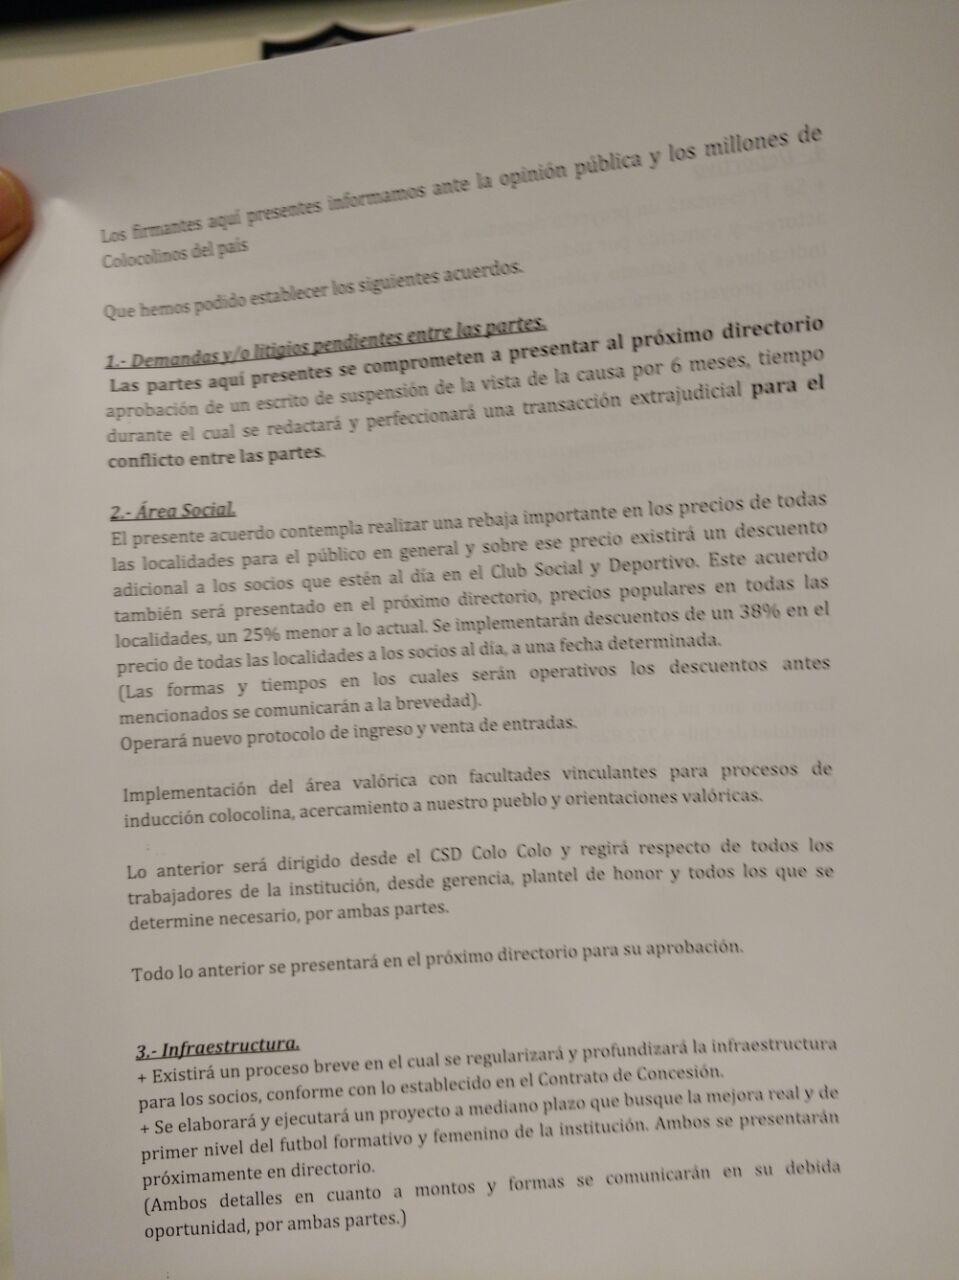 Los acuerdos firmados por Mosa y el Club Social y Deportivo Colo Colo / imagen: Pedro Marín Roldán